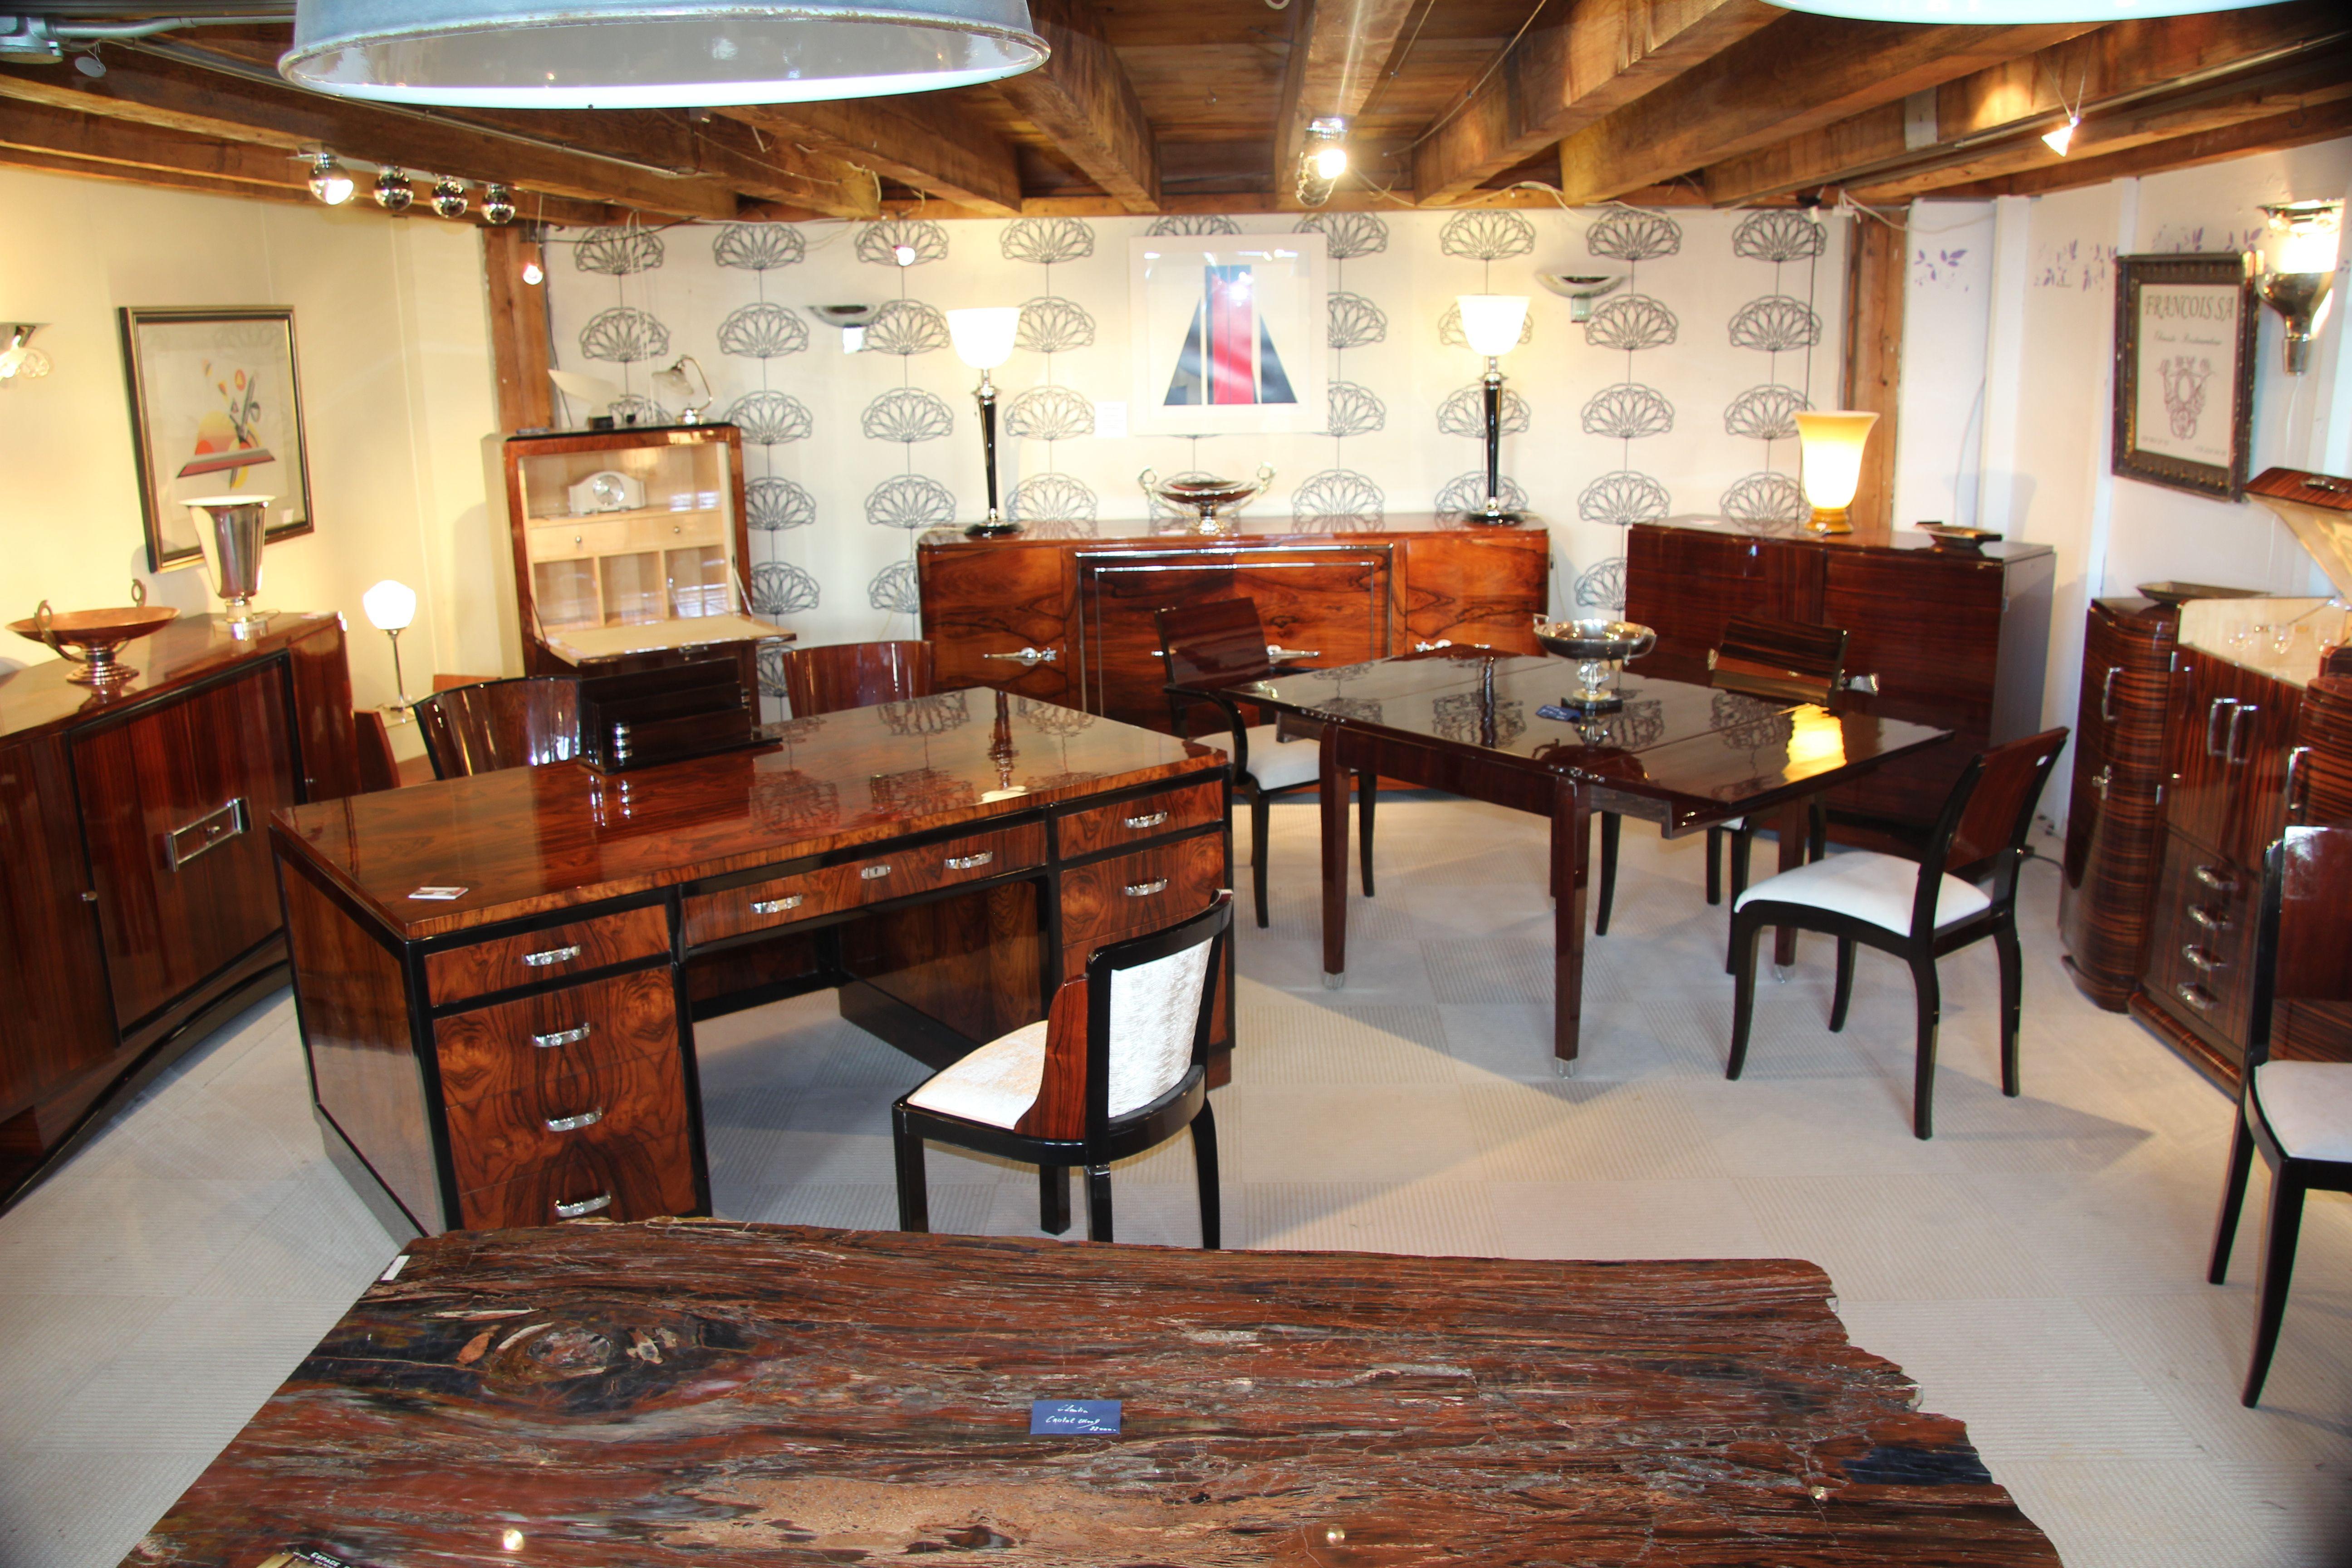 Table A Manger Sideboard Bar Lampe Art Deco Bureau A Caisson 4 Faces Chaises Art Deco Pour Un Mobilier D Exception Espace D Chaise Art Deco Meubles Art